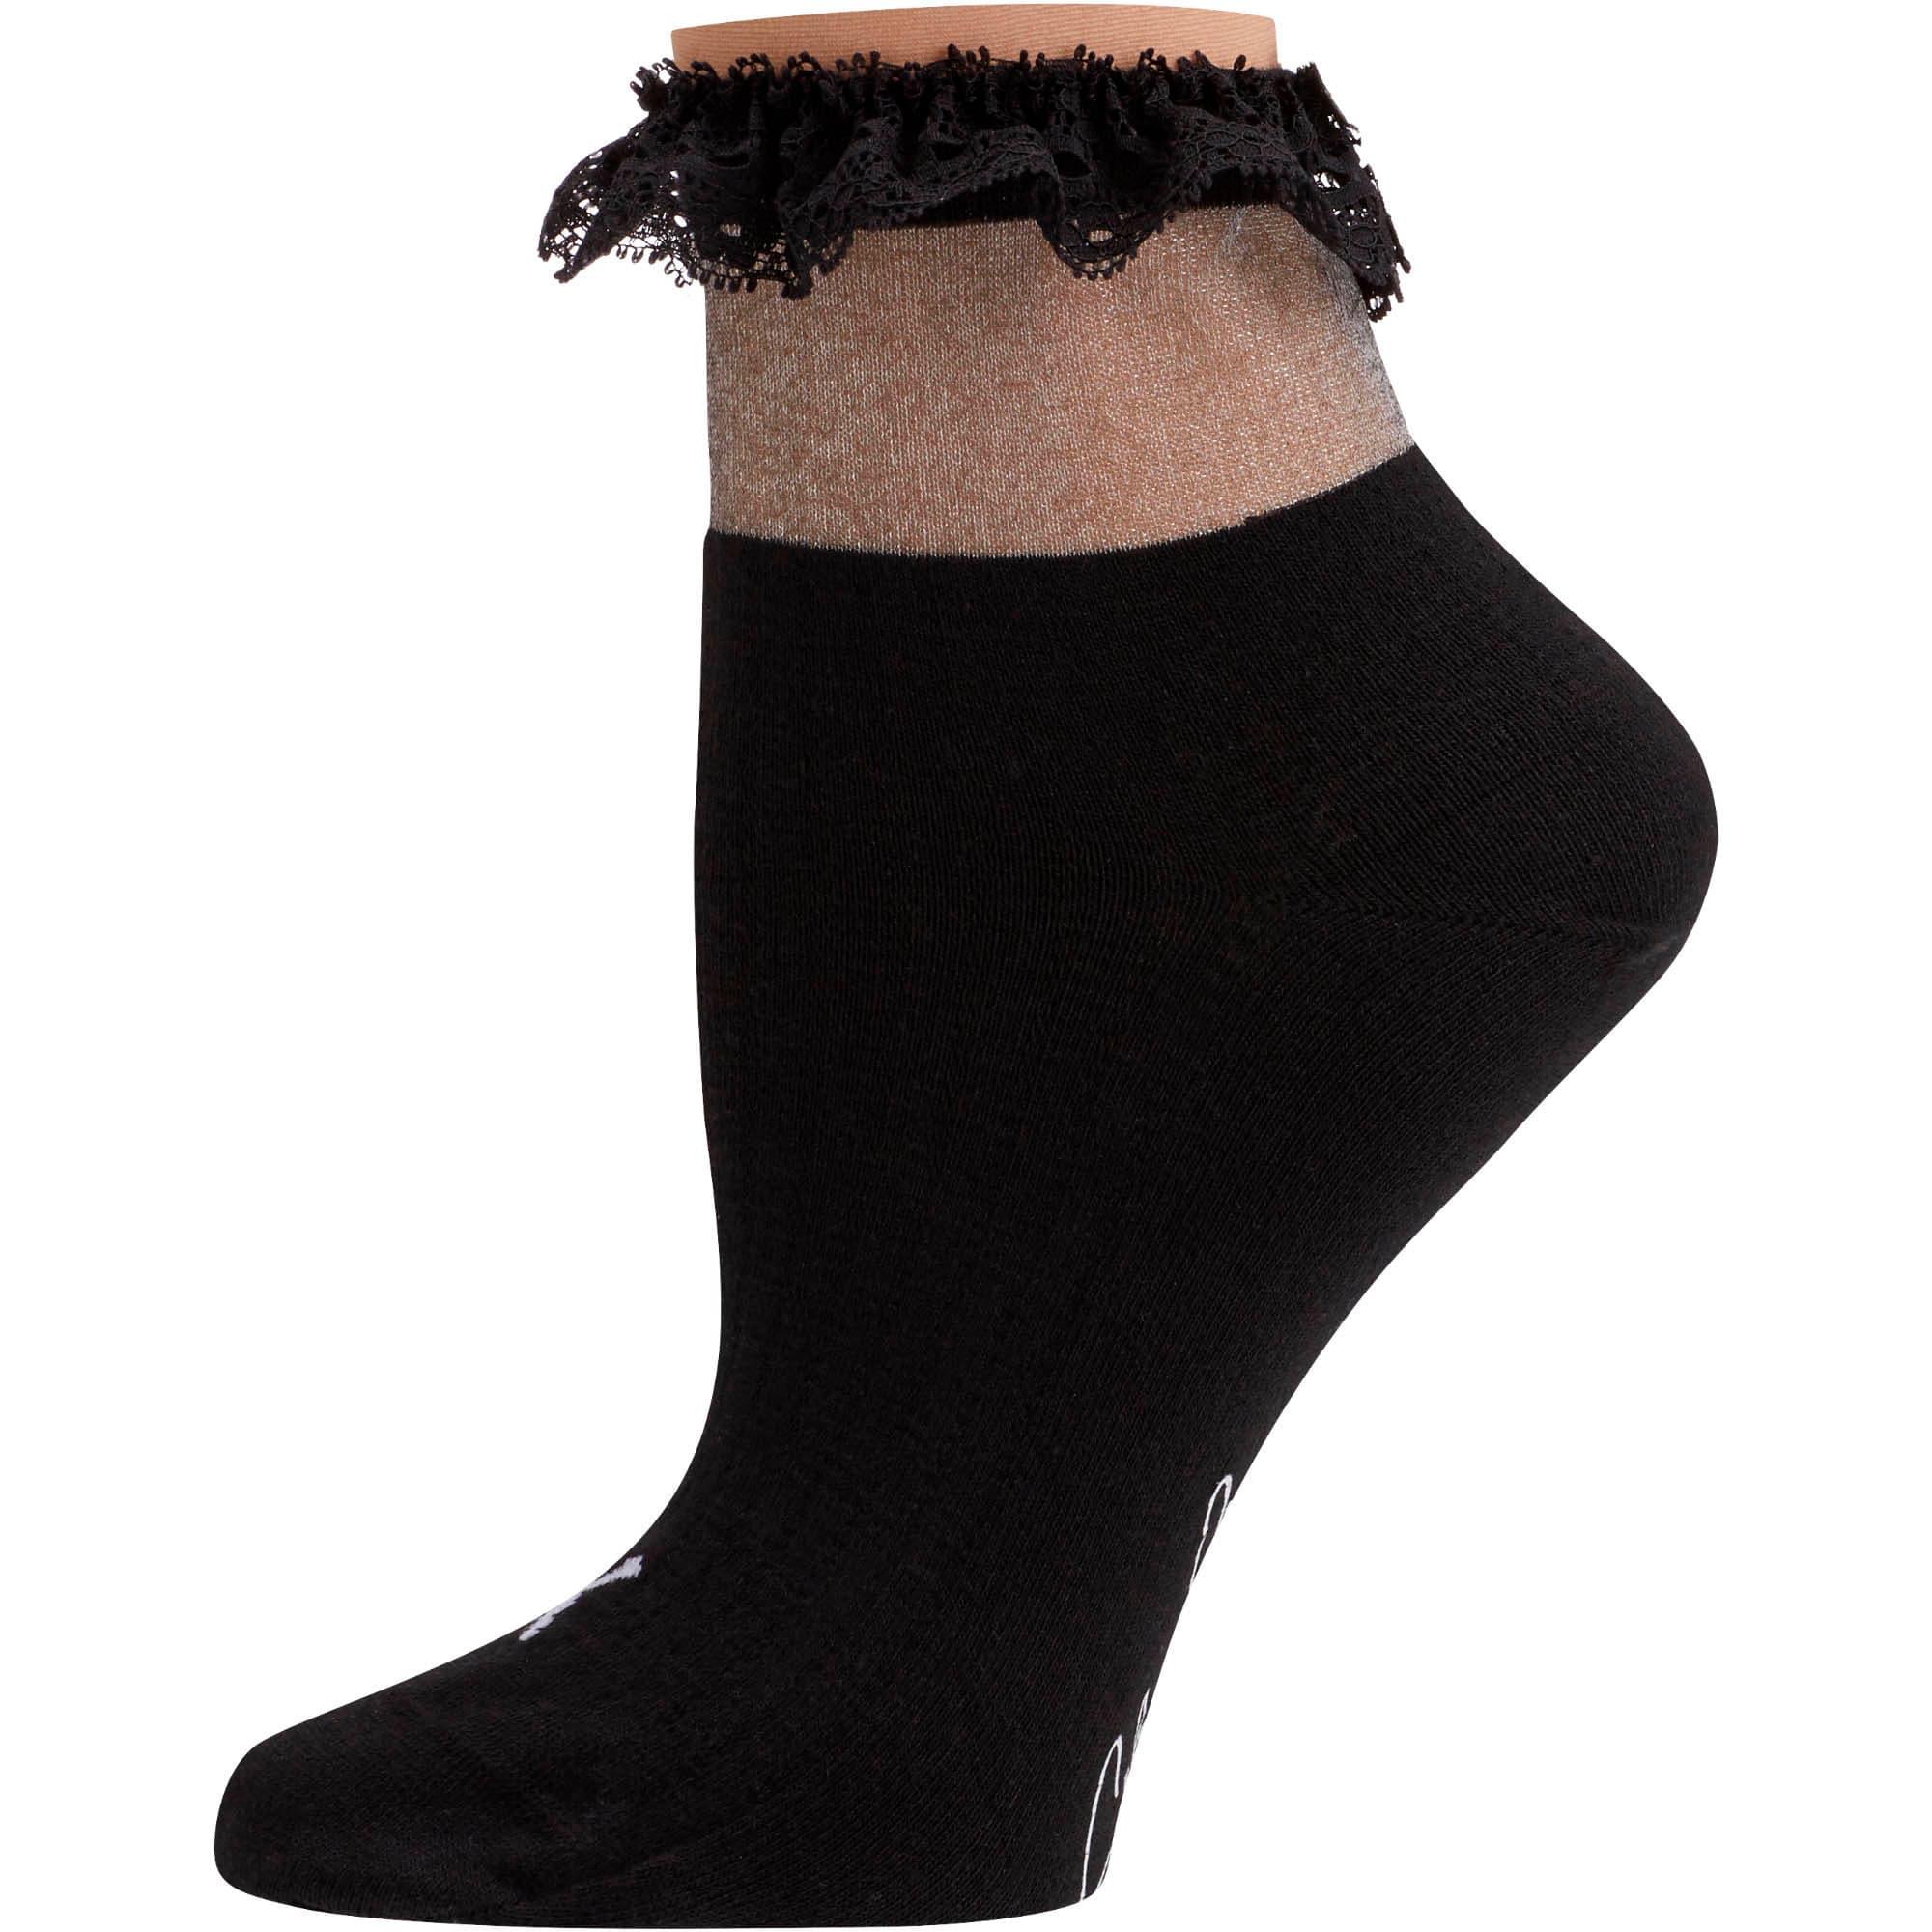 Thumbnail 1 of SG x PUMA Ruffle Short Crew Socks [1 Pair], black, medium